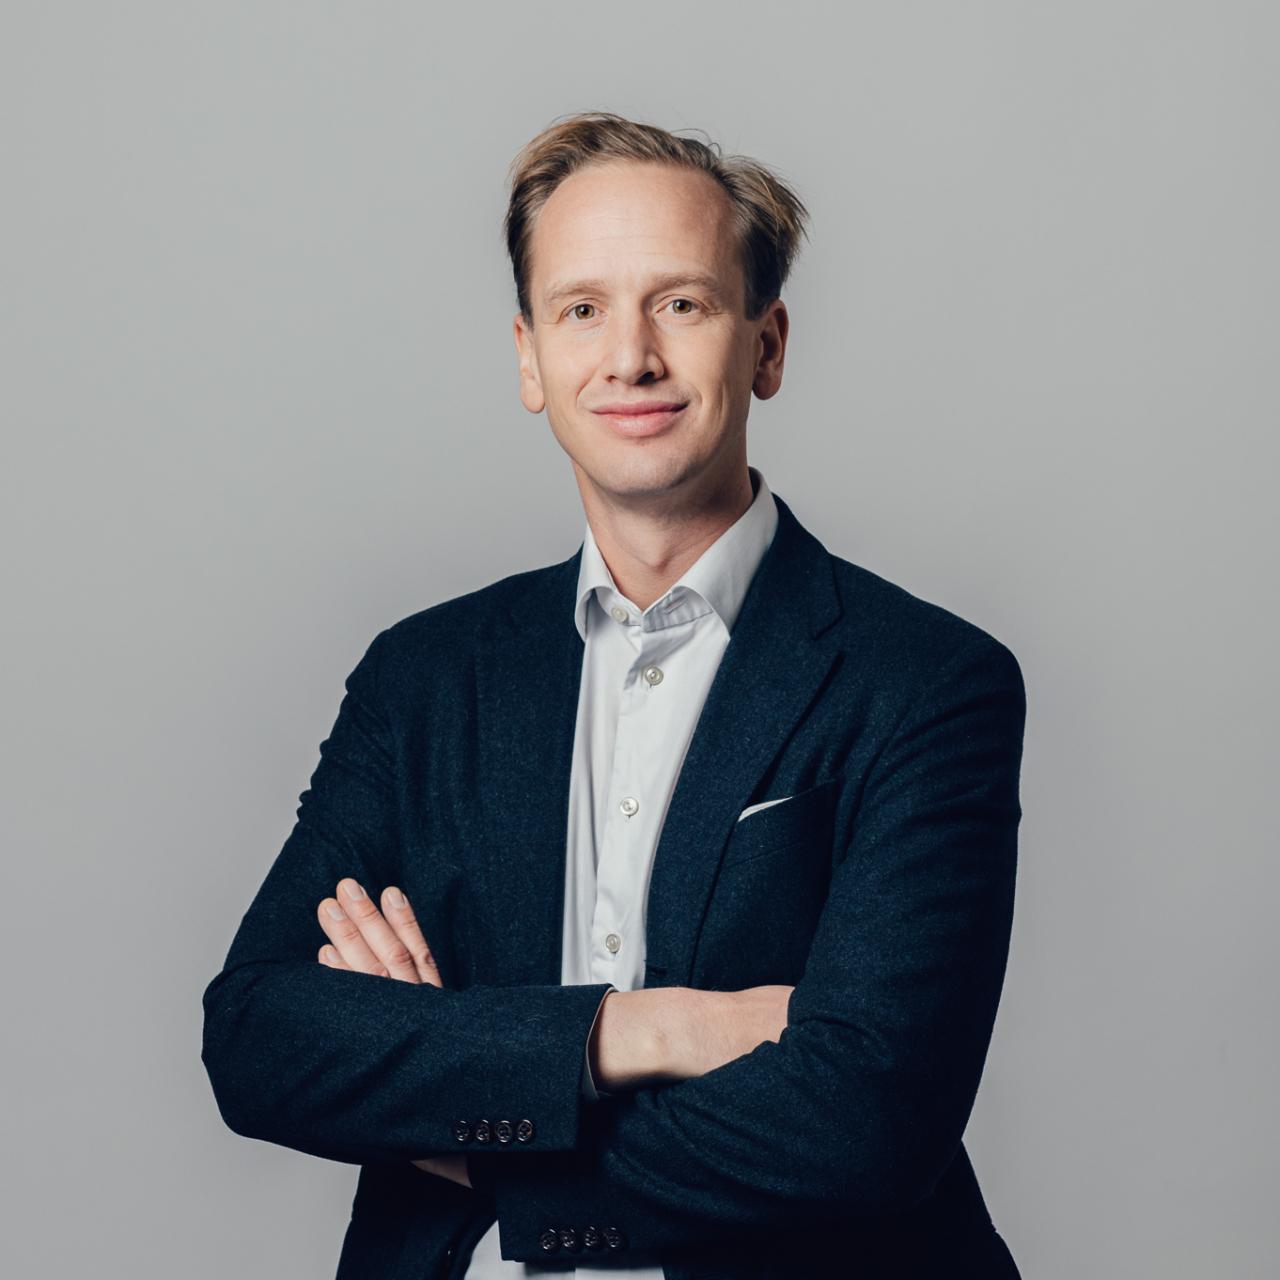 Henrik Norlin